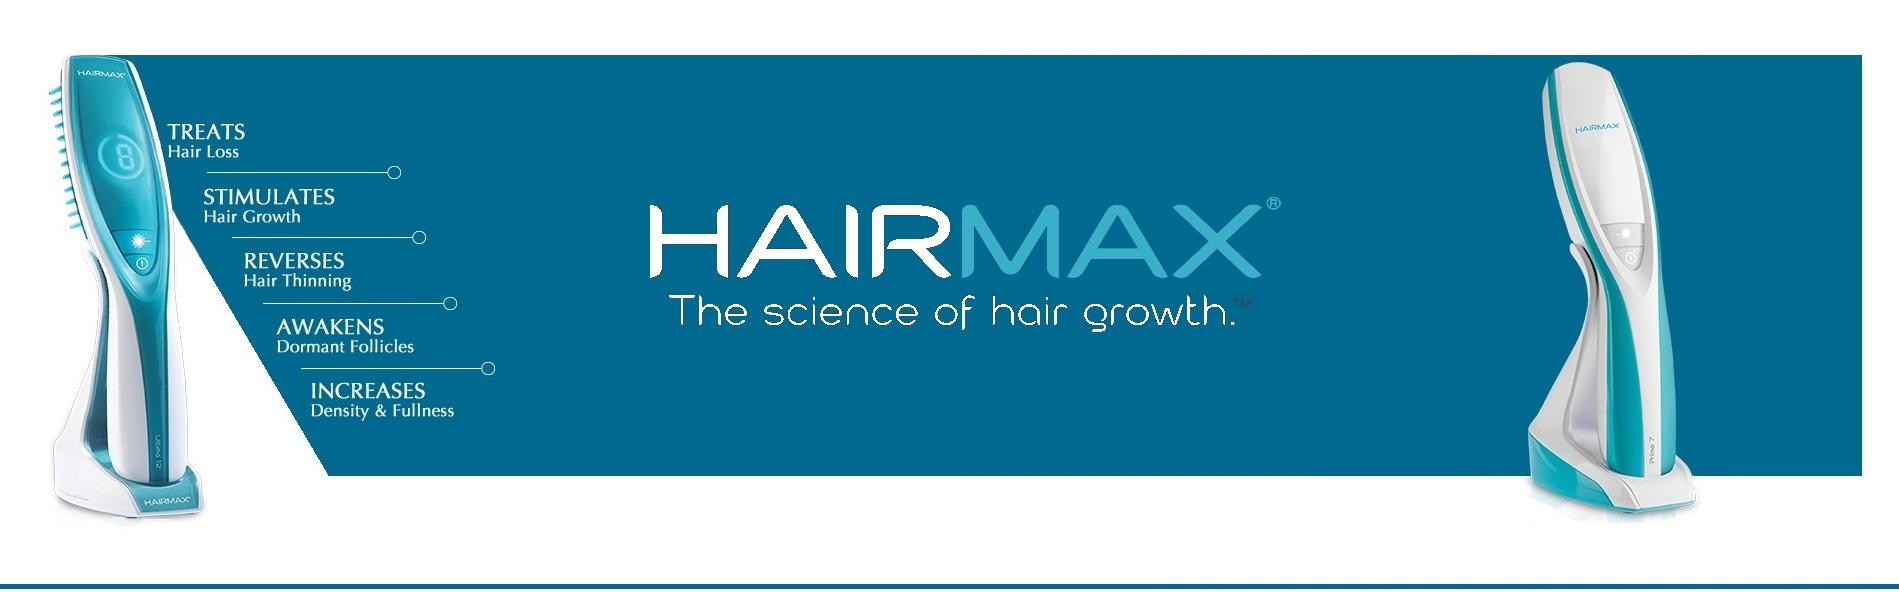 hairmax-banner-DMT2